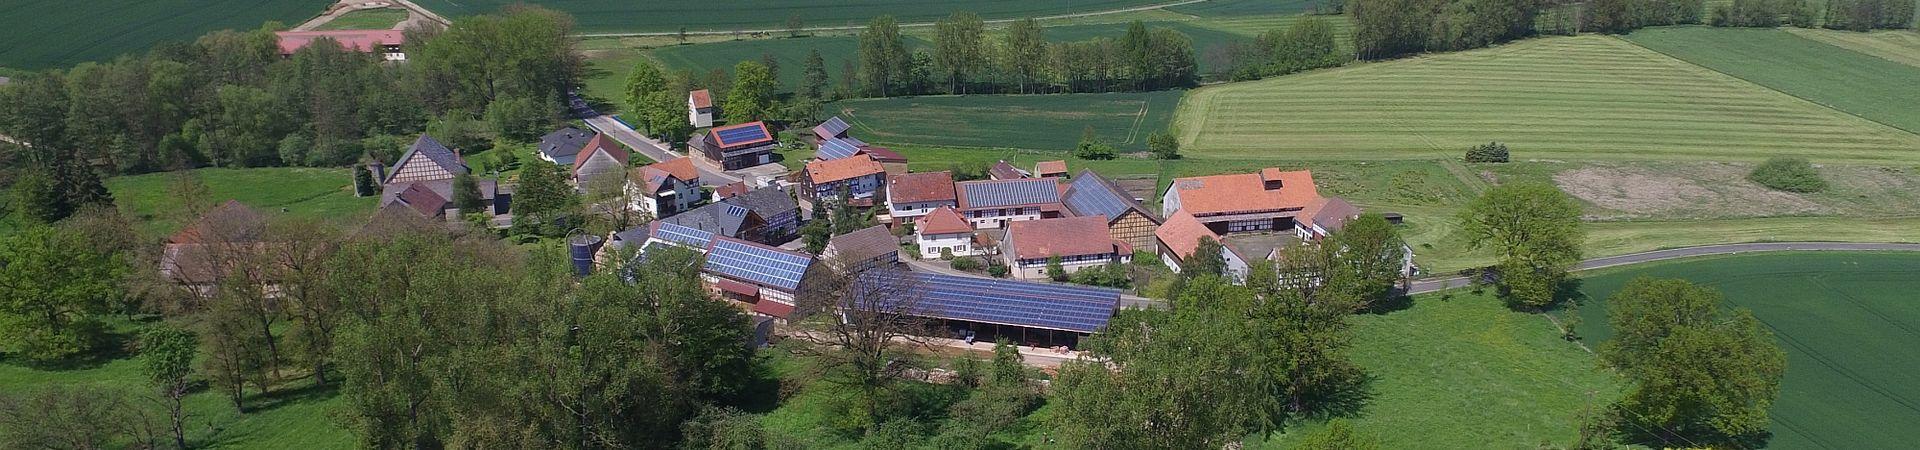 Gungelshausen